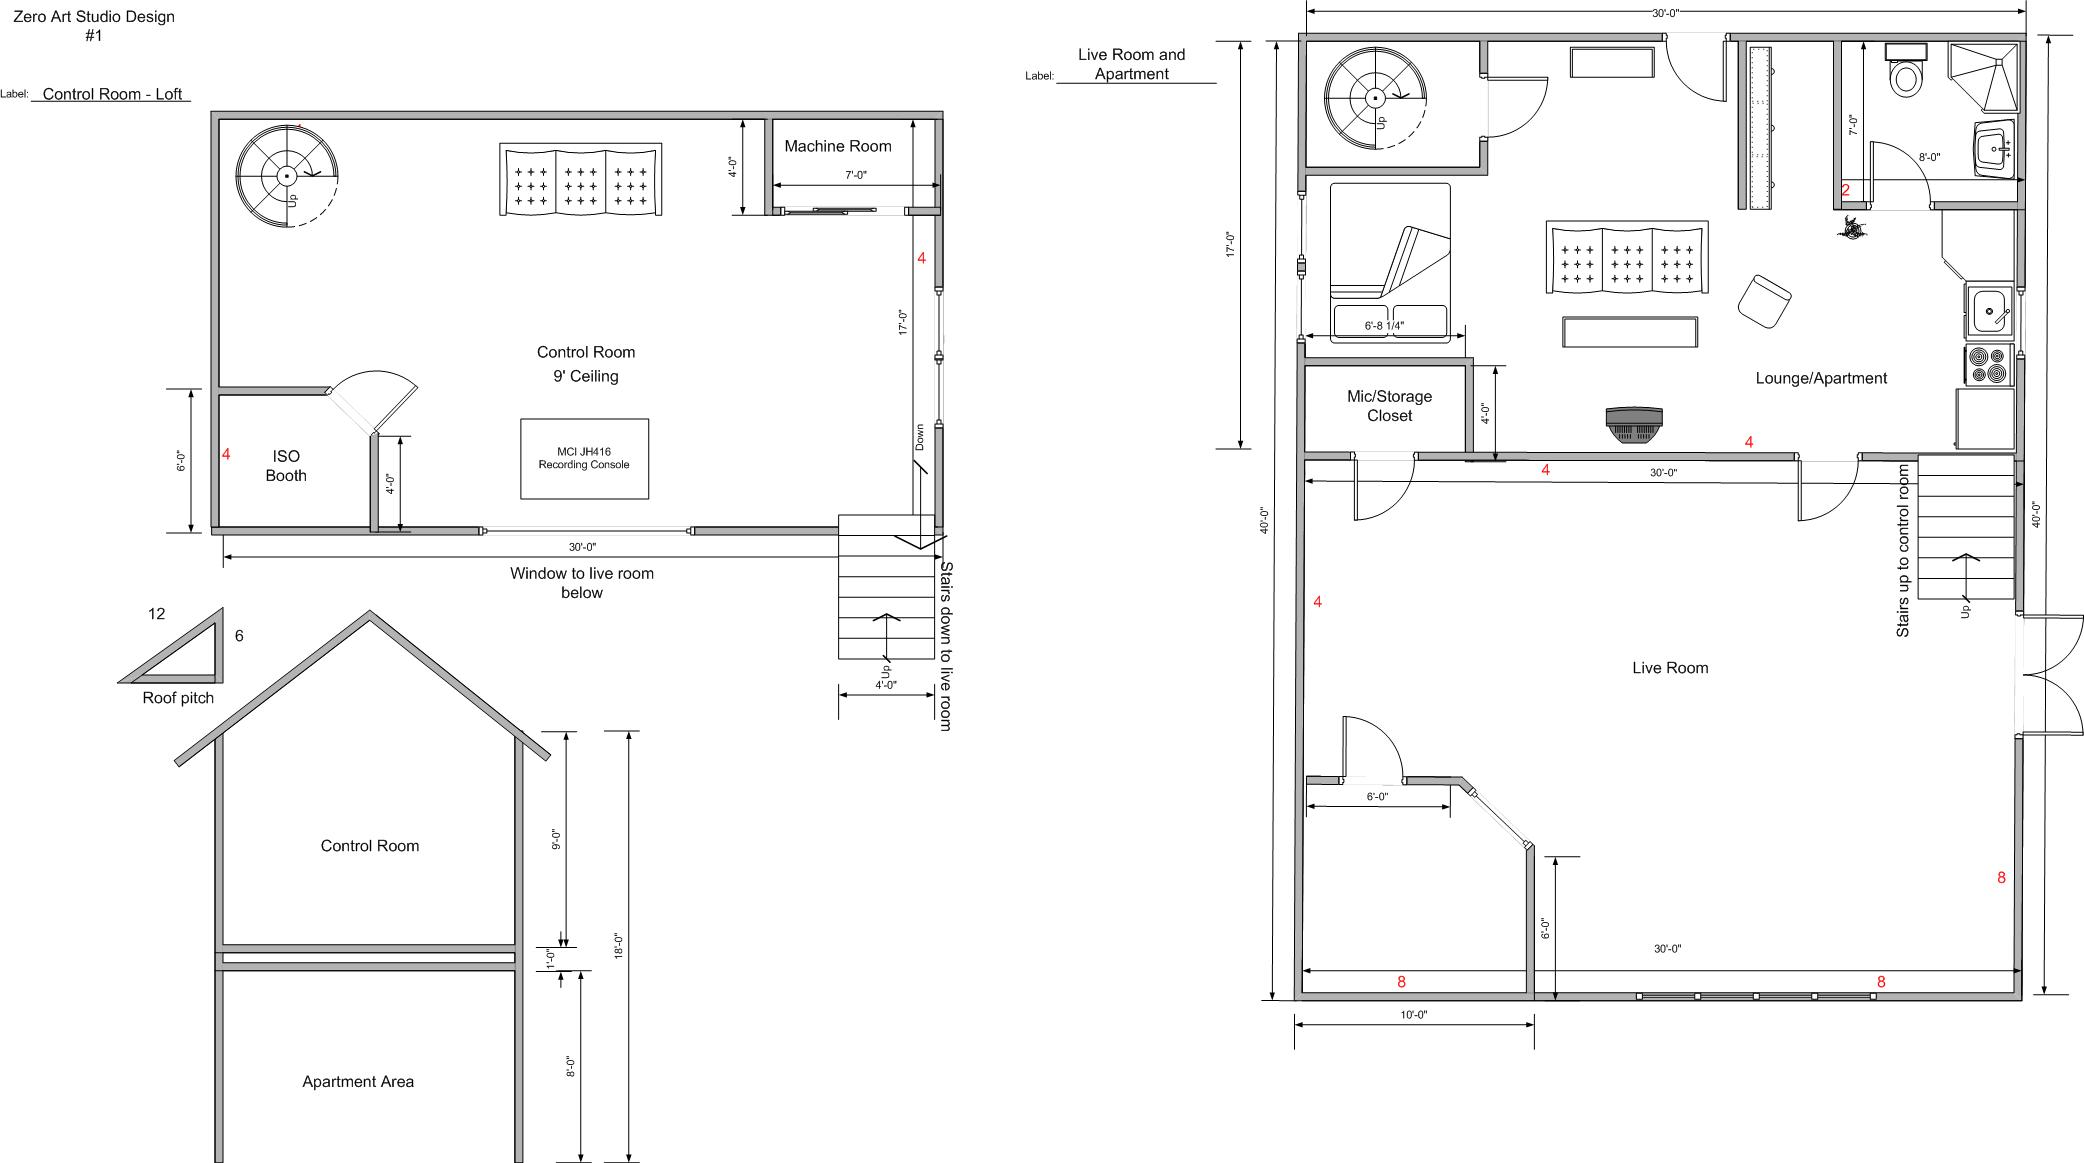 Zero Art Studio Final Floor Plan